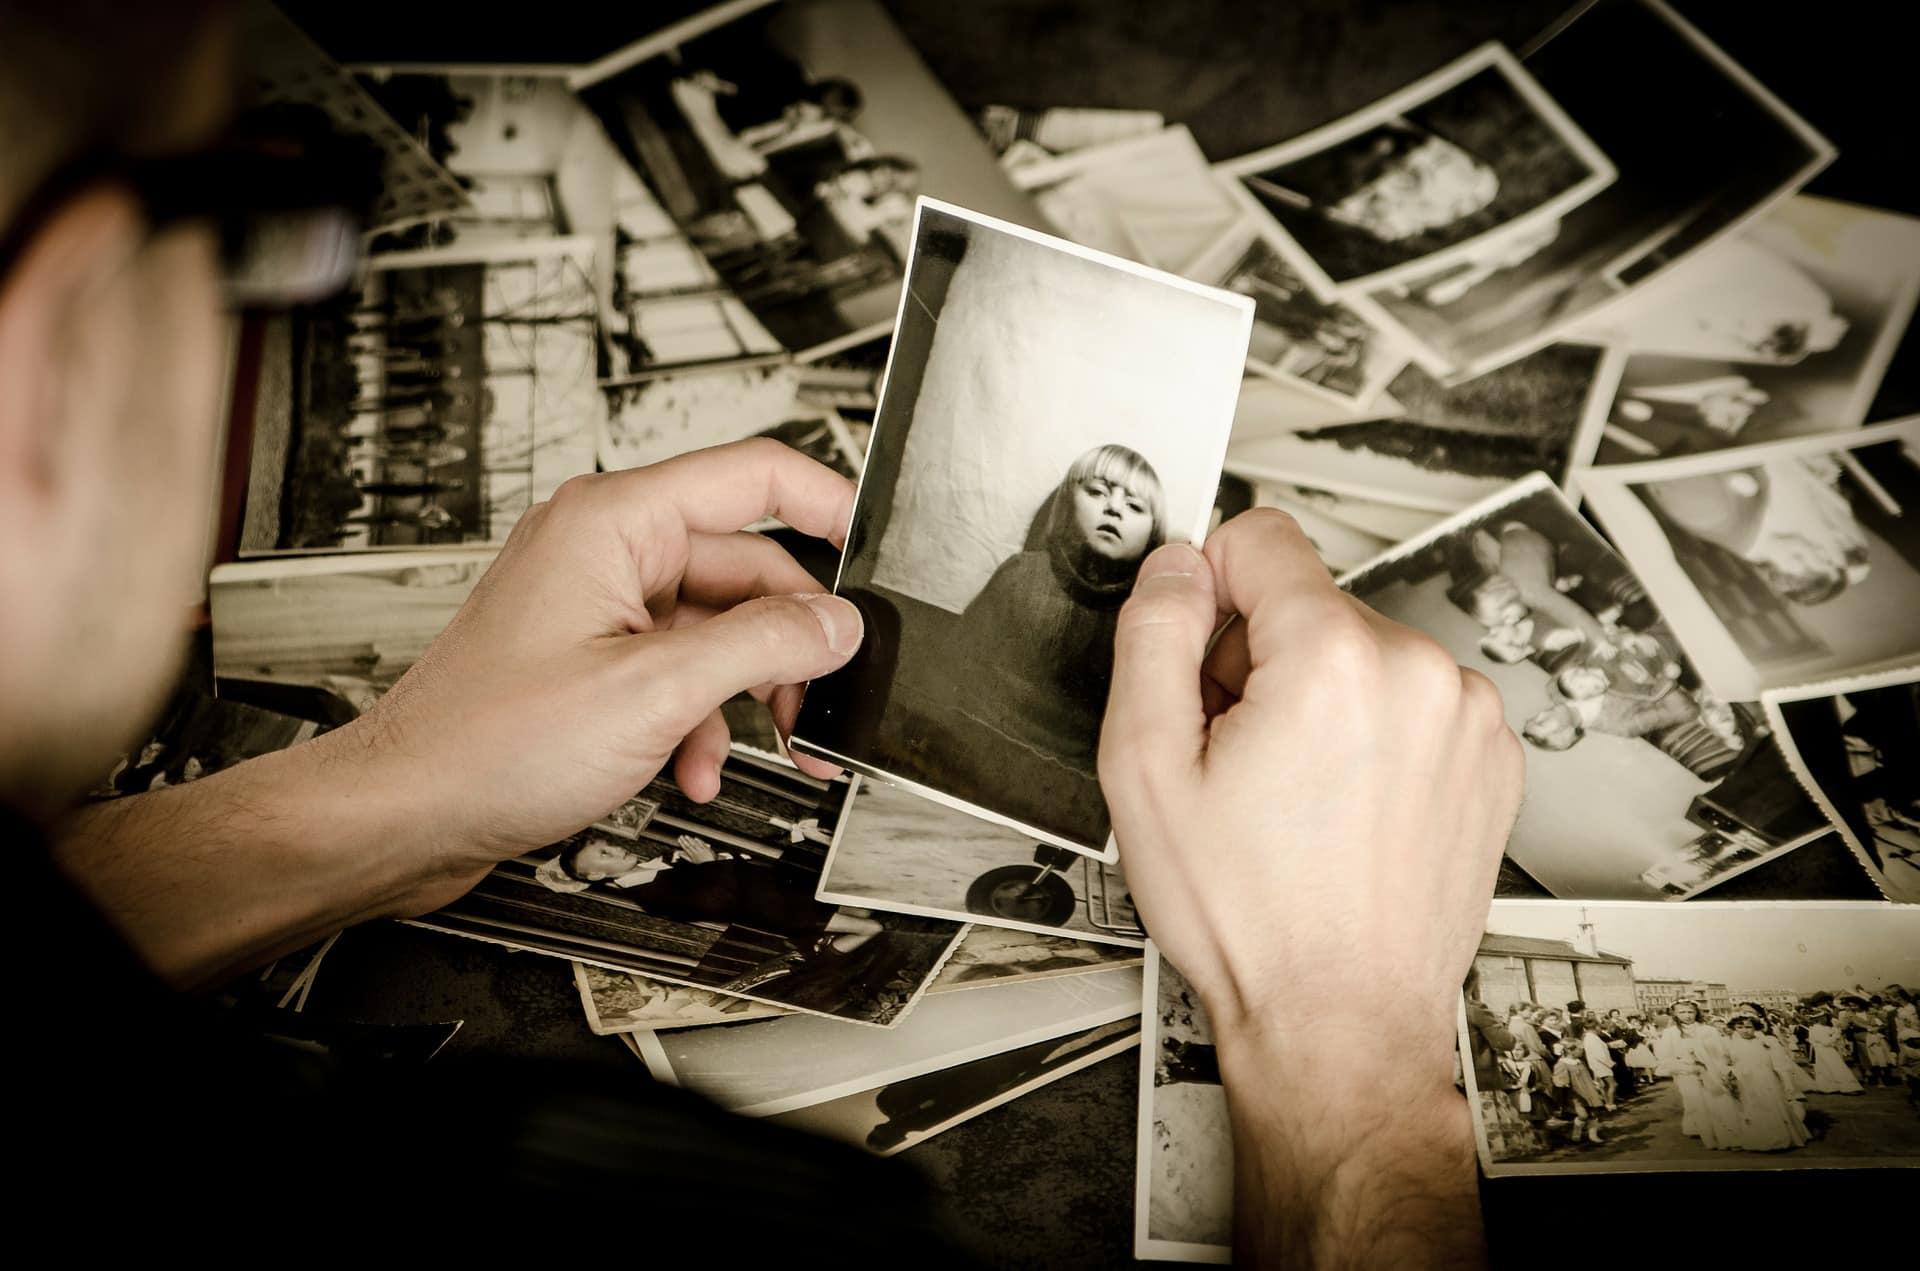 Tényleg megírjam az élettörténetem? A memoárírás kérdései 1. rész